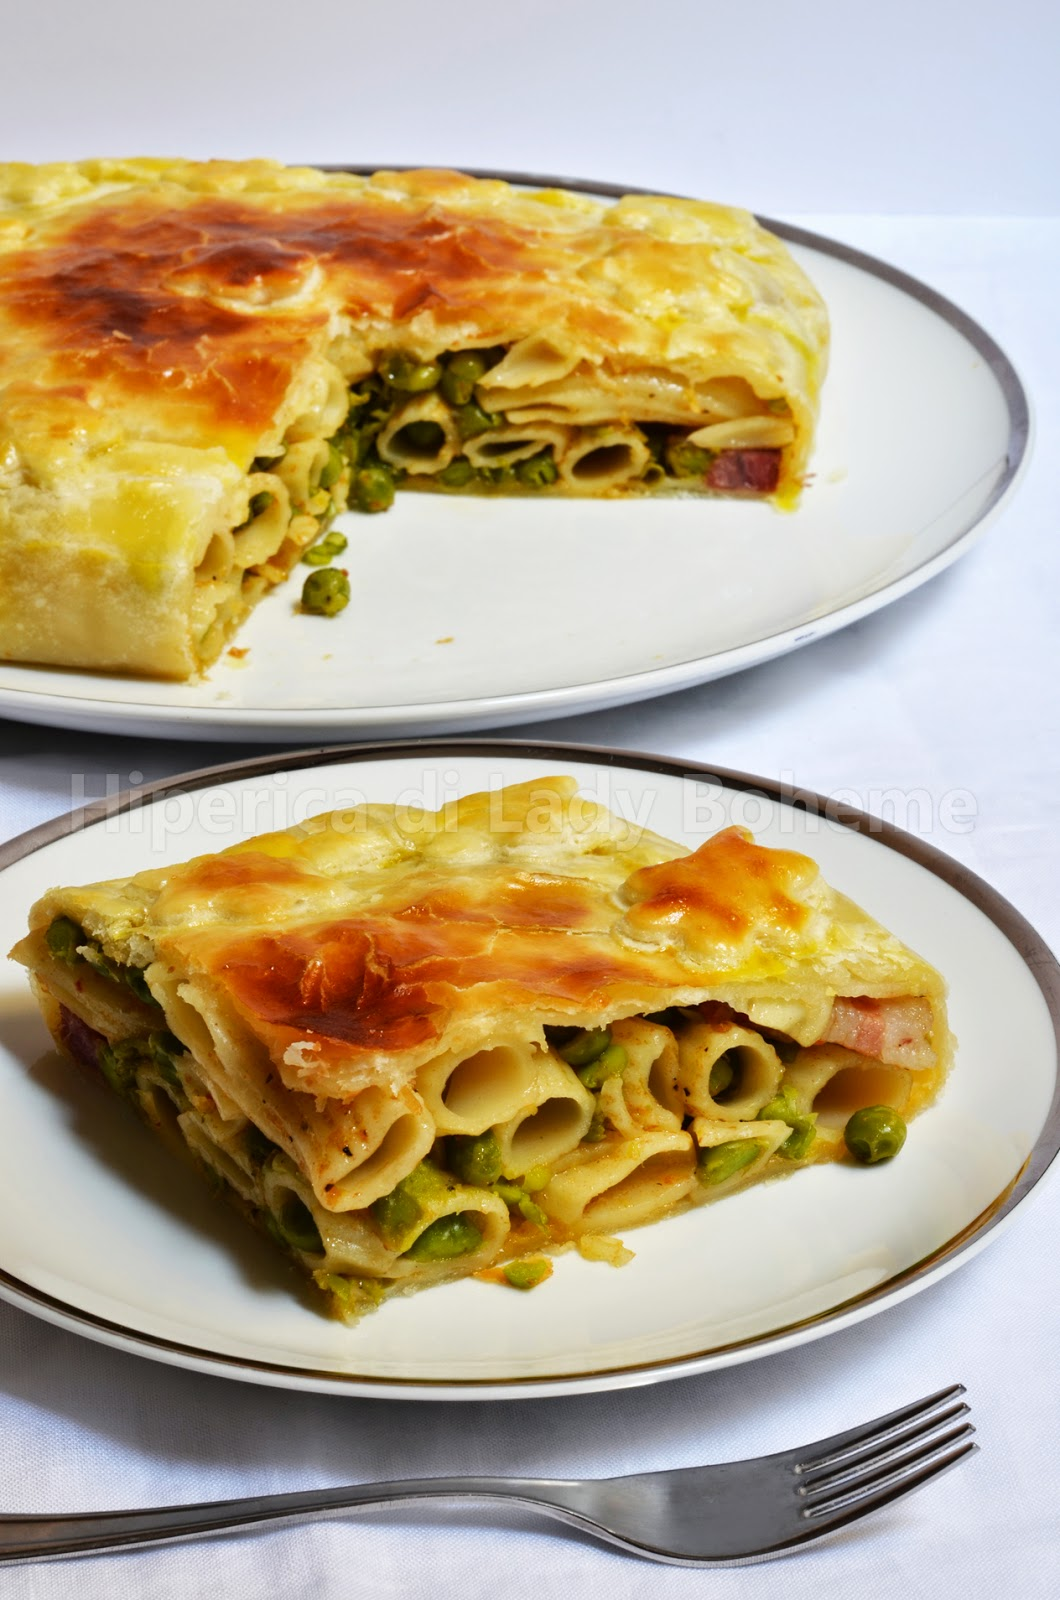 hiperica_lady_boheme_blog_cucina_ricette_gustose_facili_veloci_timballo_di_rigatoni_con_piselli_2